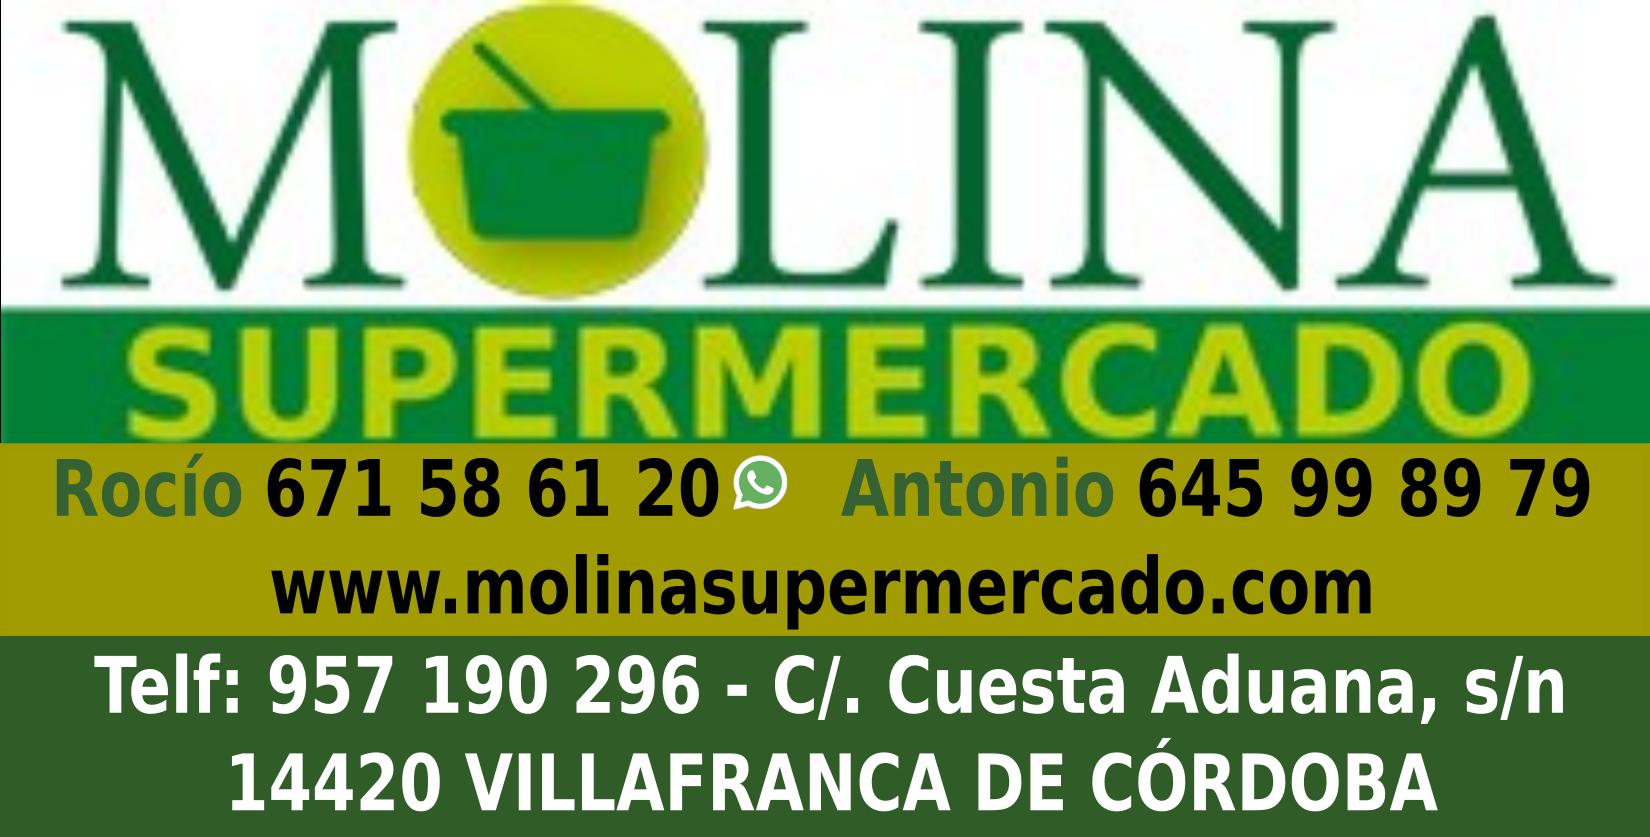 Supermercado Molina - La mejor relación calidad/precio en alimentación de Villafranca de Córdoba